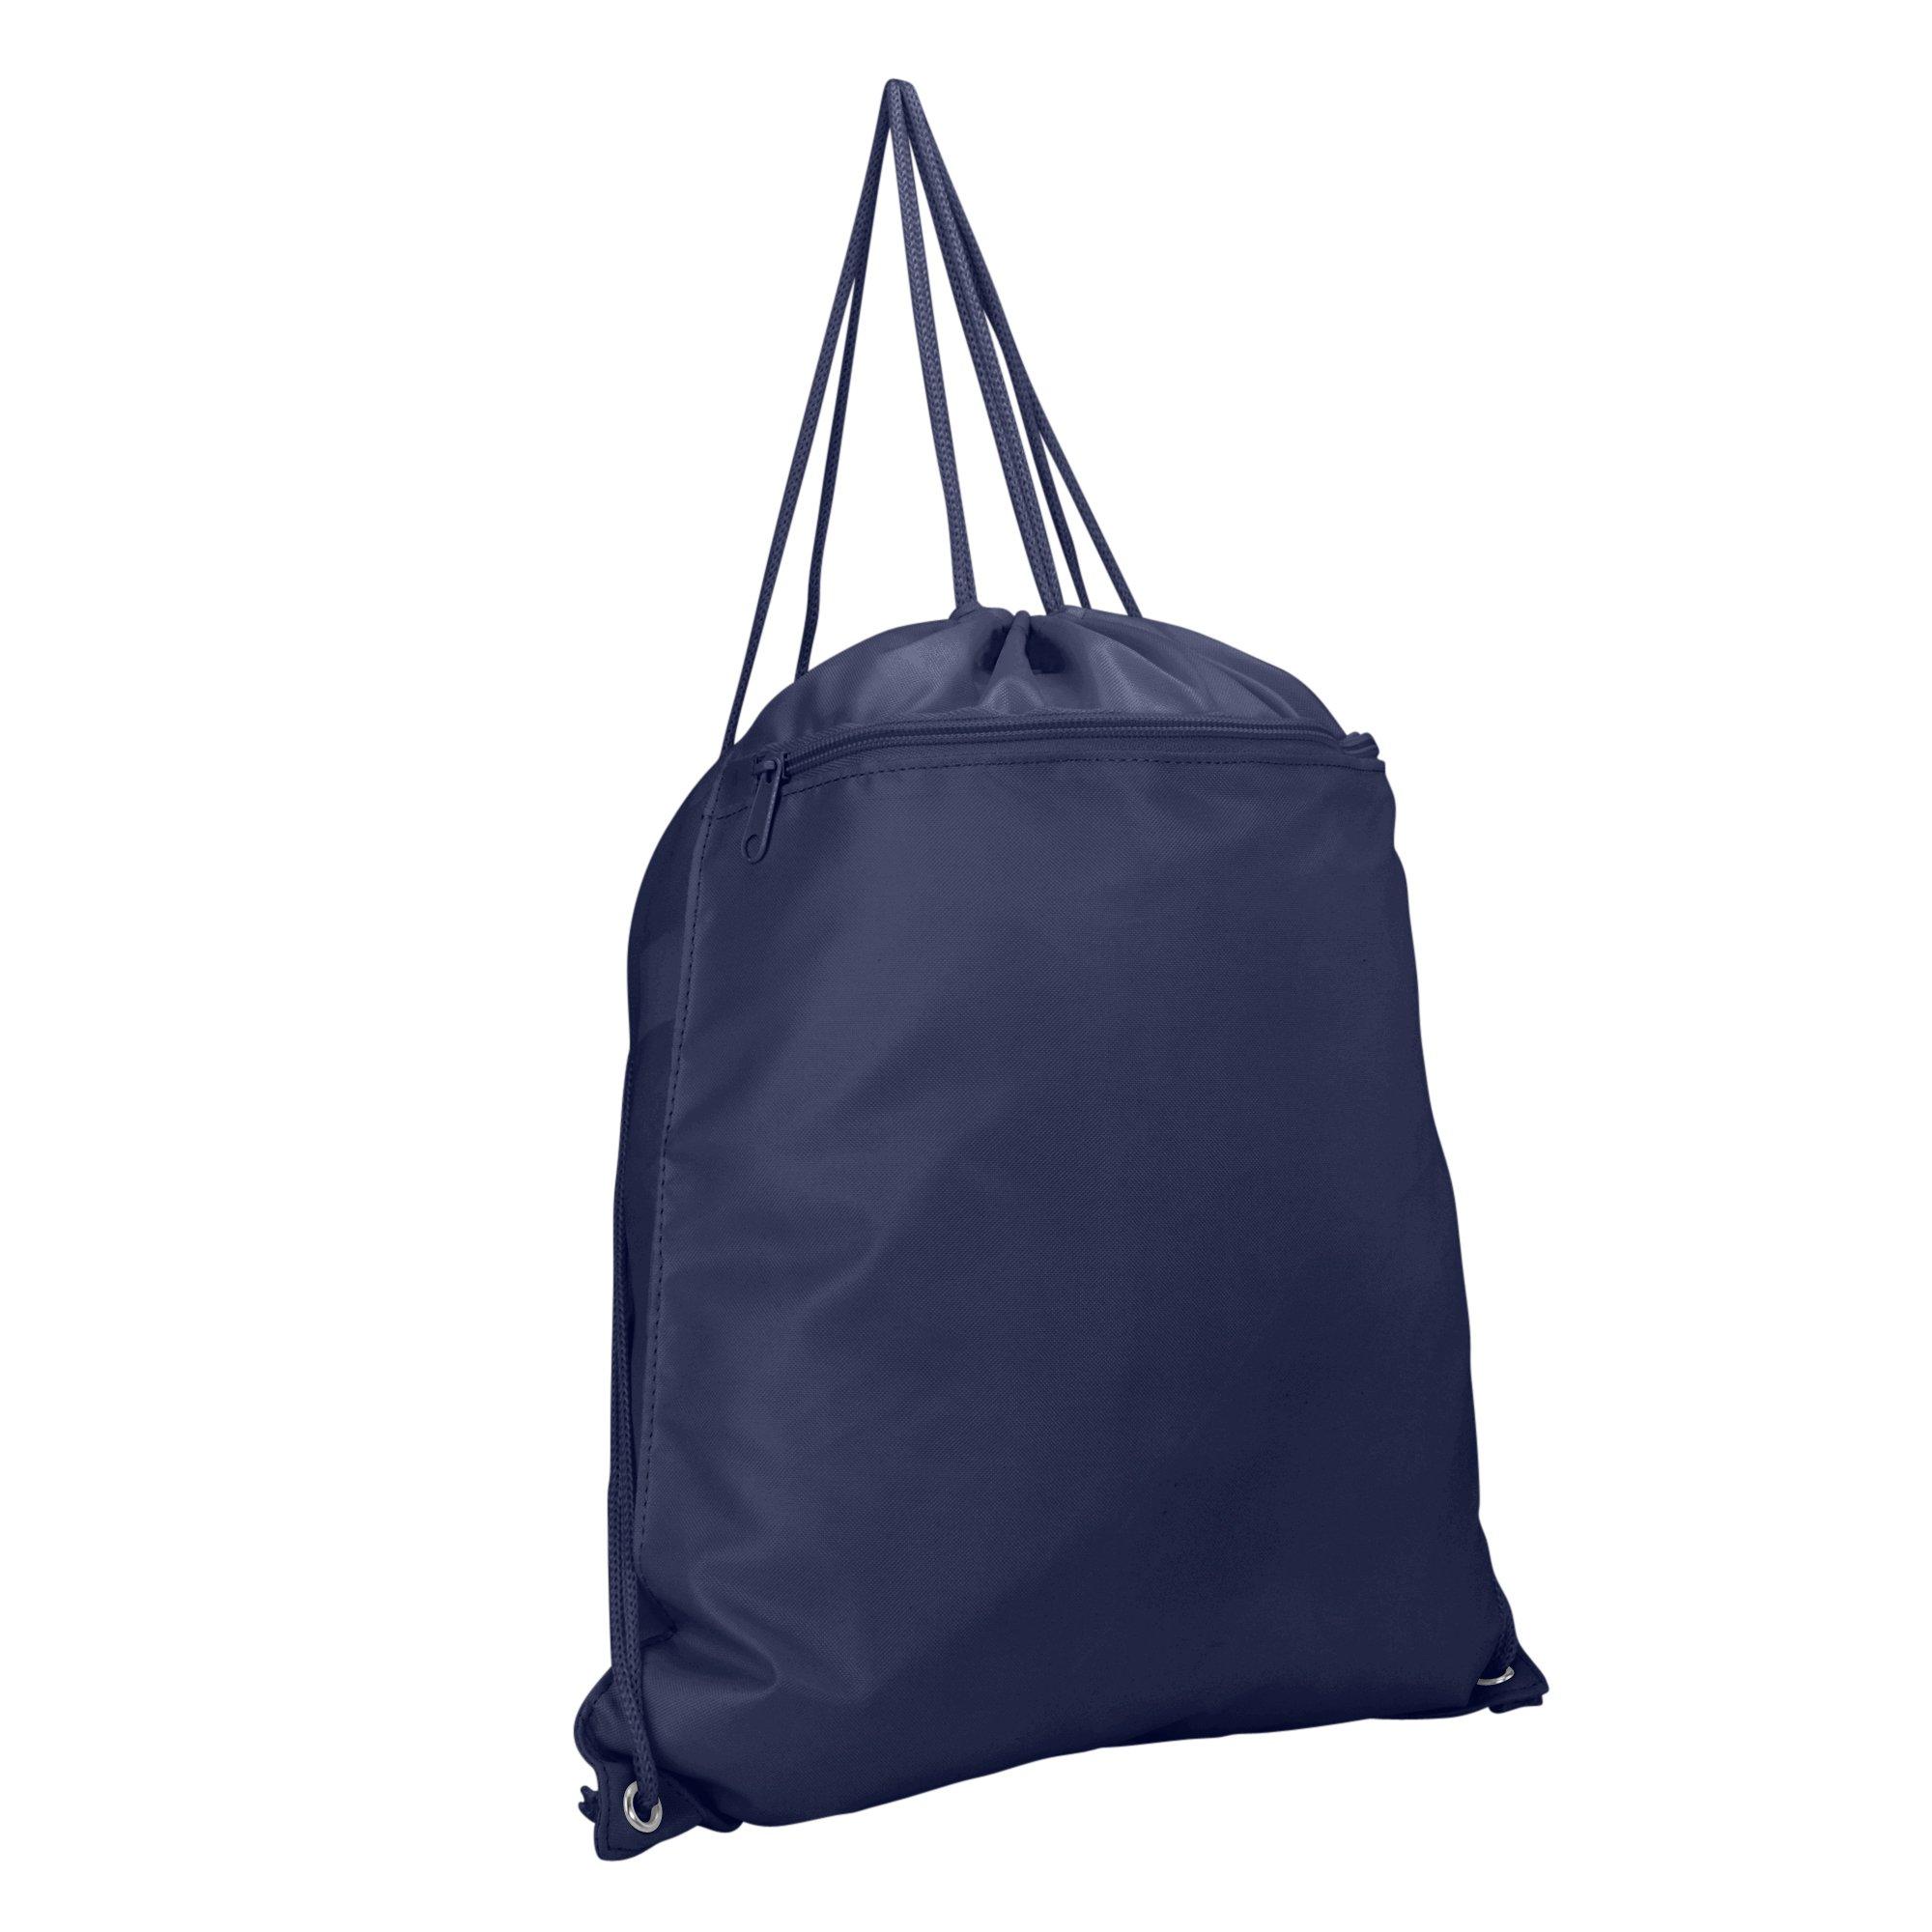 DALIX Sock Pack Drawstring Backpack Bag Sack in Navy Blue